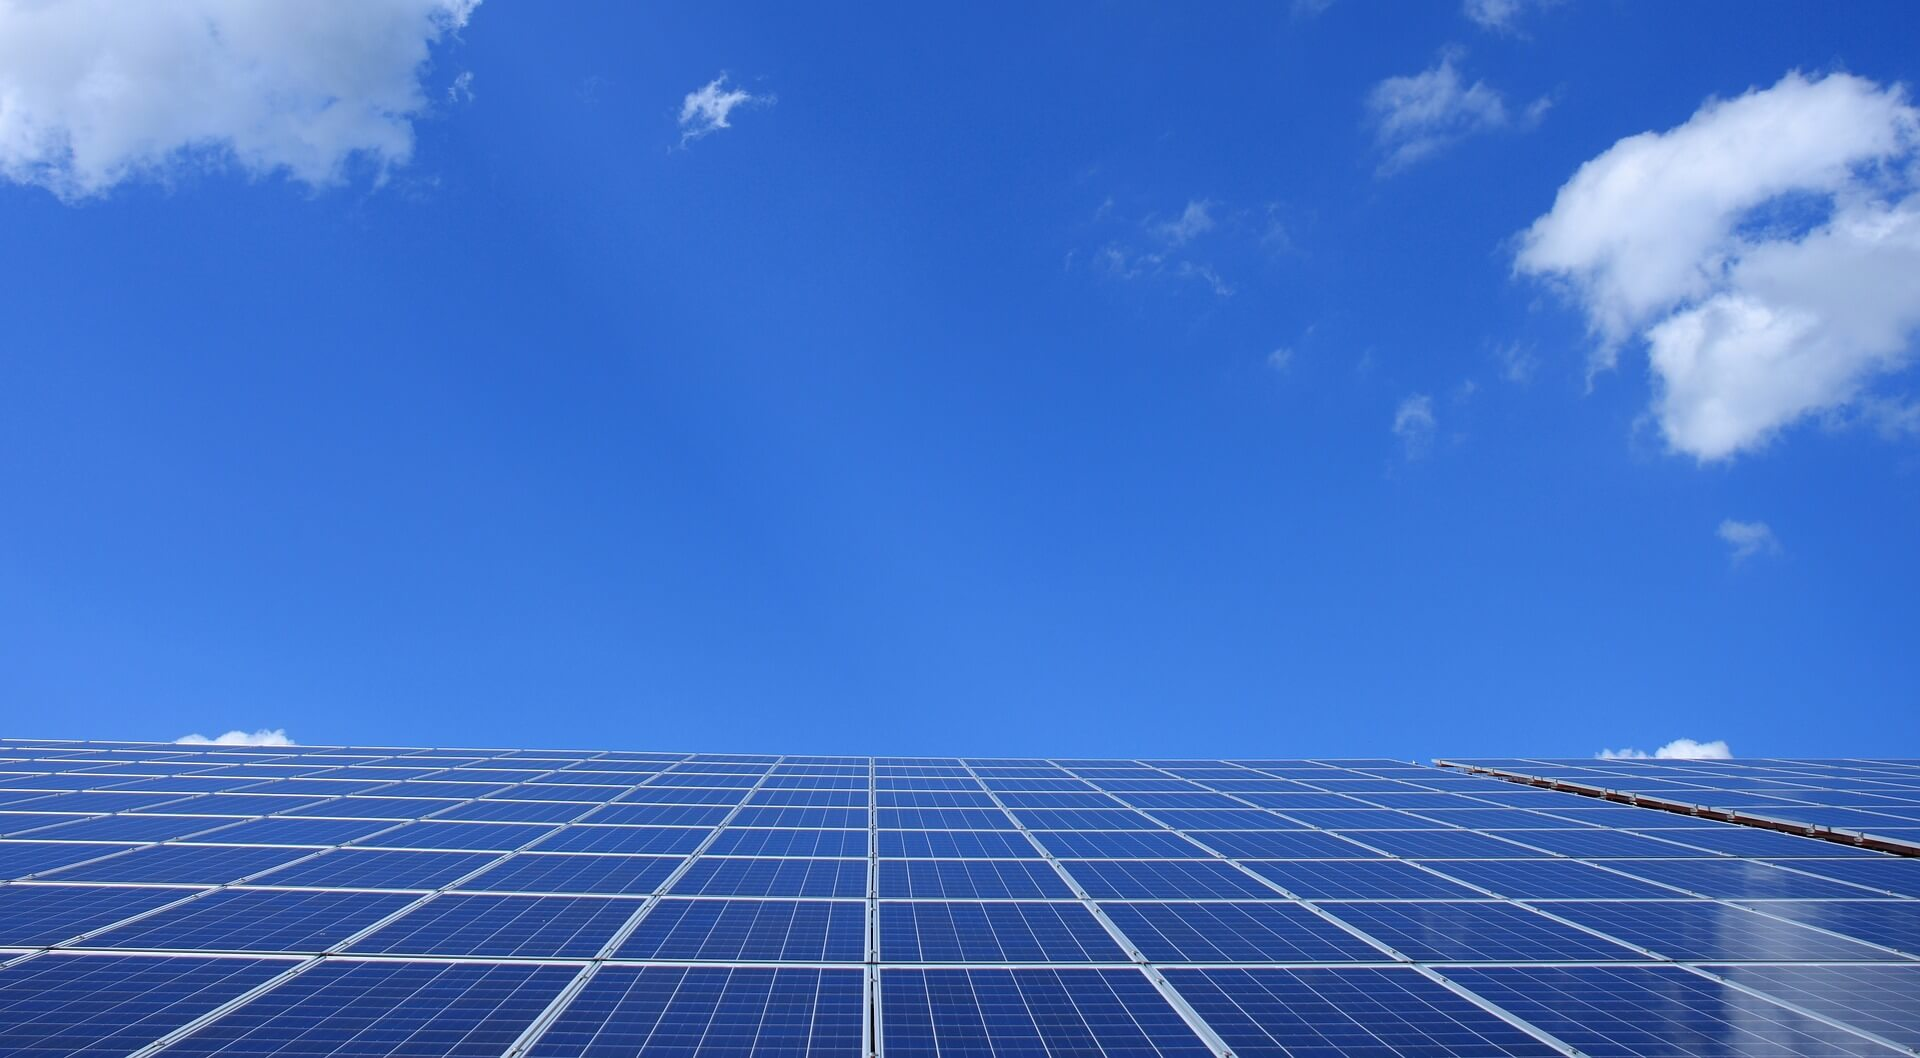 a1 solar-Lakossági és nagyméretű napenergia a zöld jövőért